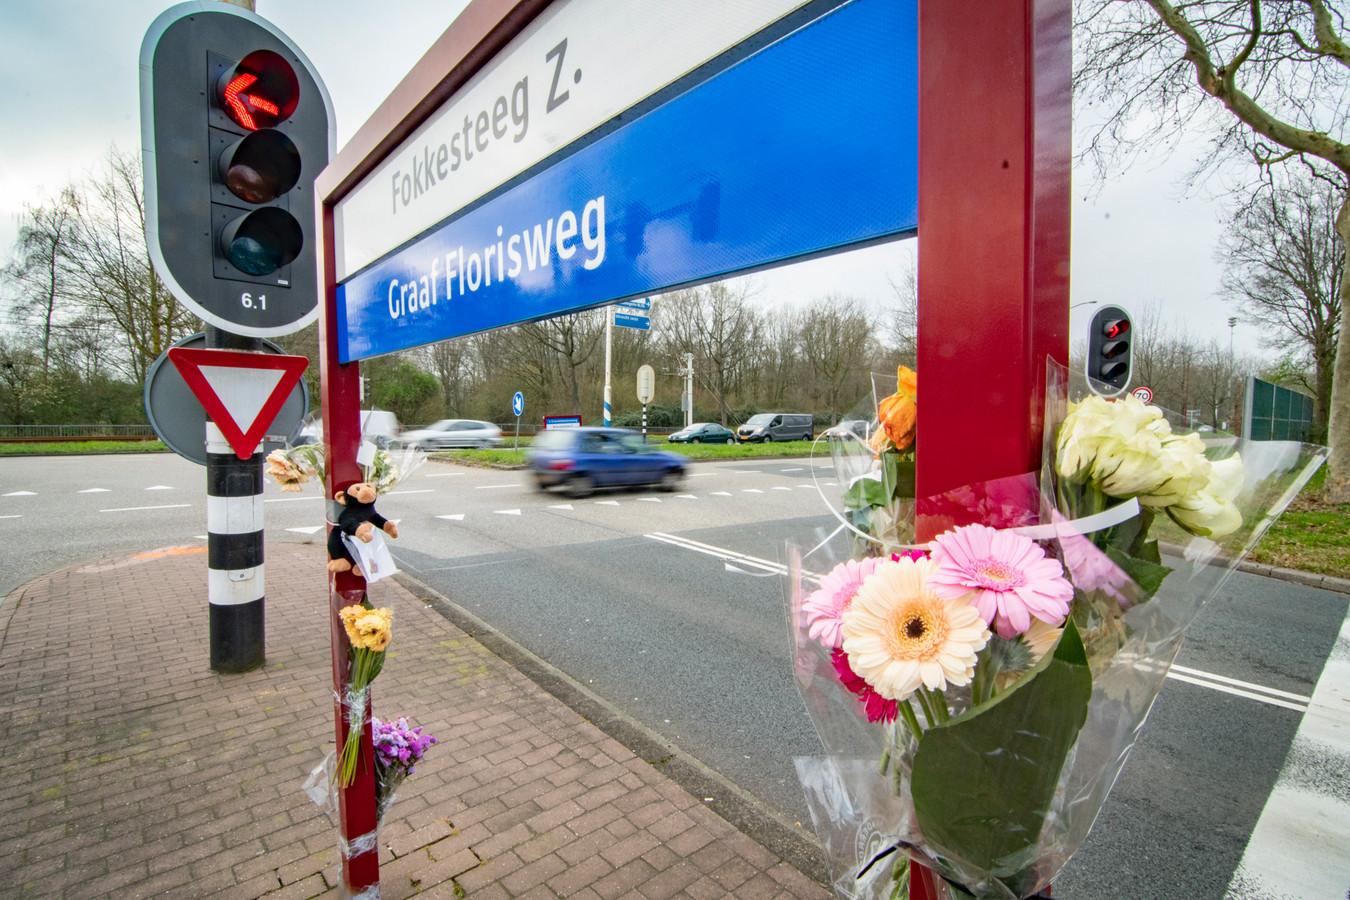 De kruising in Nieuwegein, waar op 10 maart de 8-jarige Milan om het leven kwam.